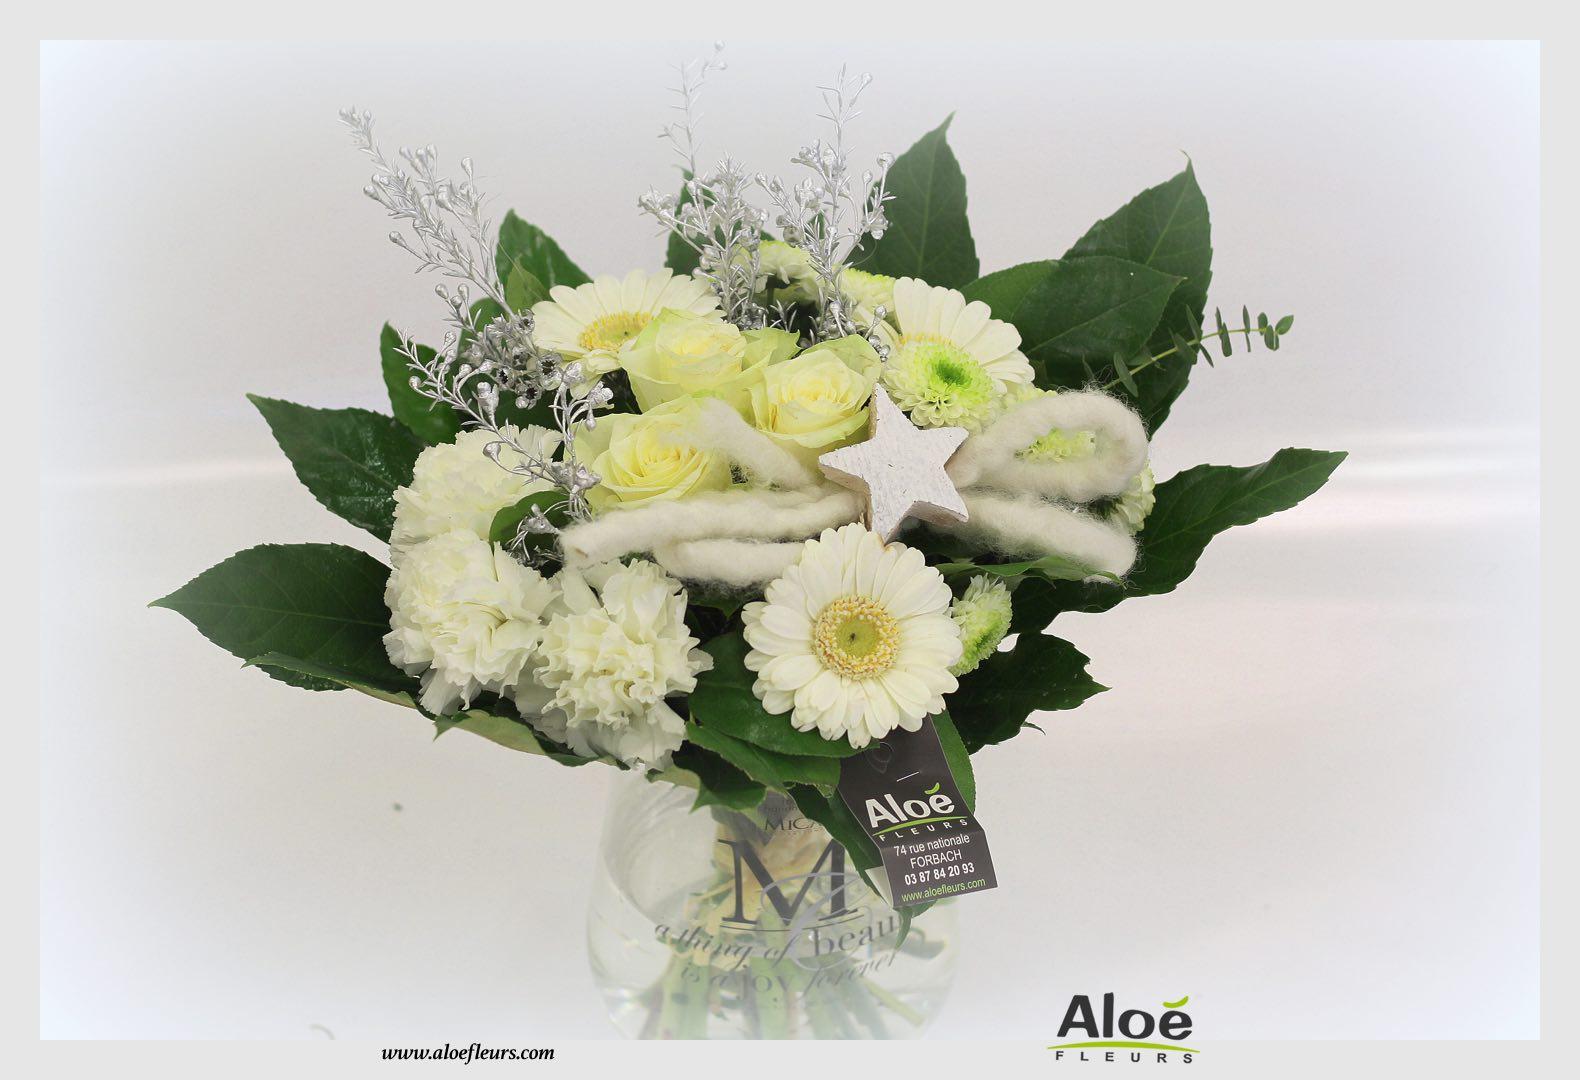 Bouquet De Fleurs Noel Aloe Dec201519 Aloe Fleurs